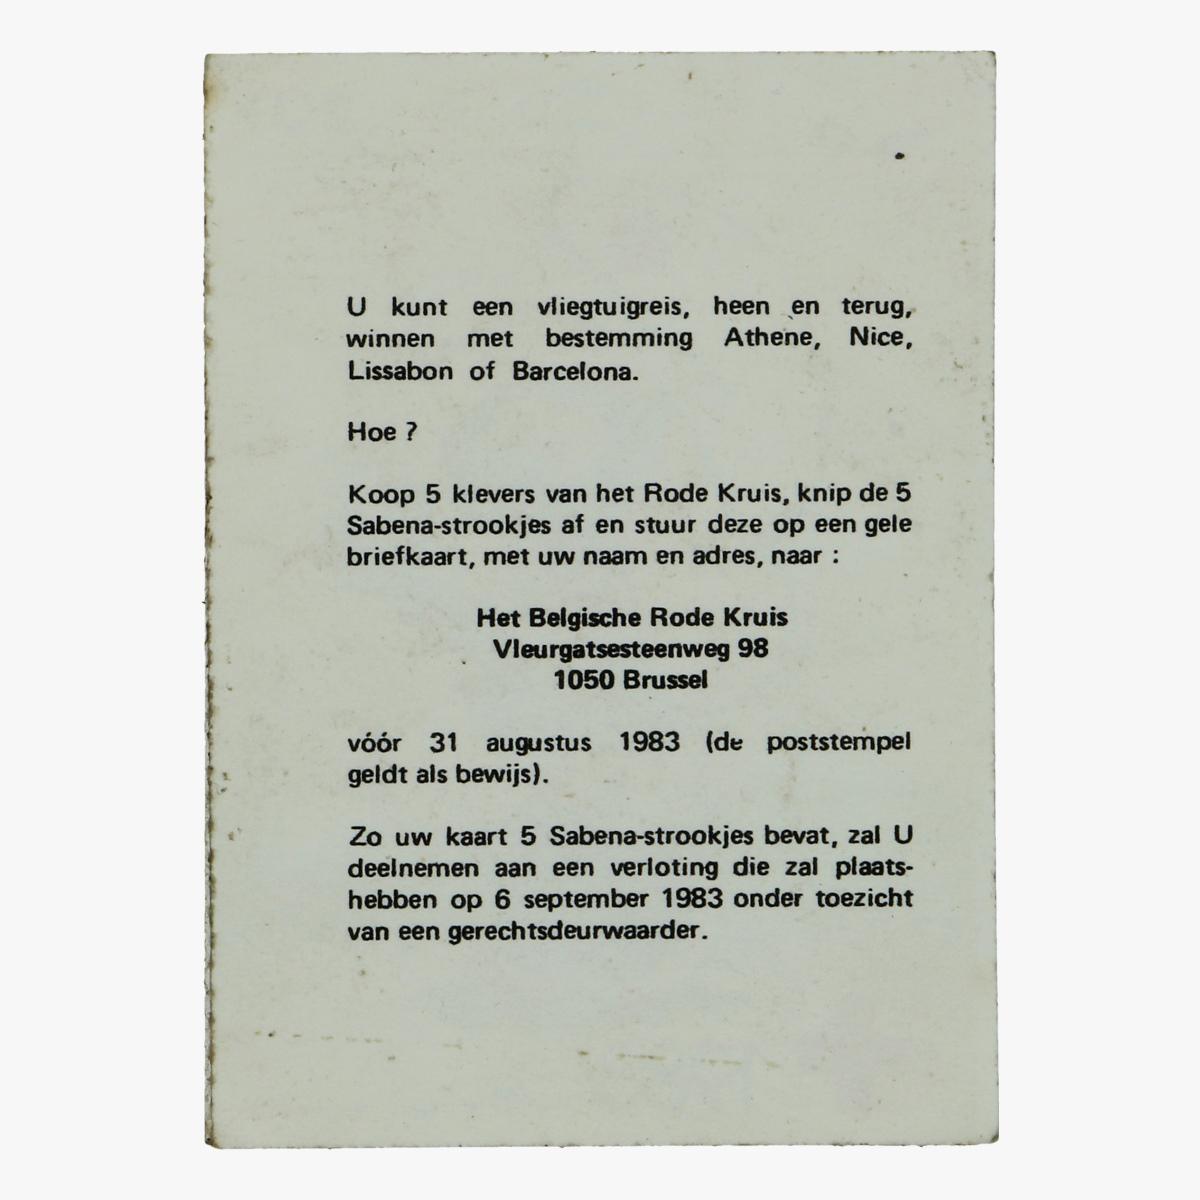 Afbeeldingen van sticker sabena - het belgische rode kruis - peyo - smurfen - smurfin - 1983